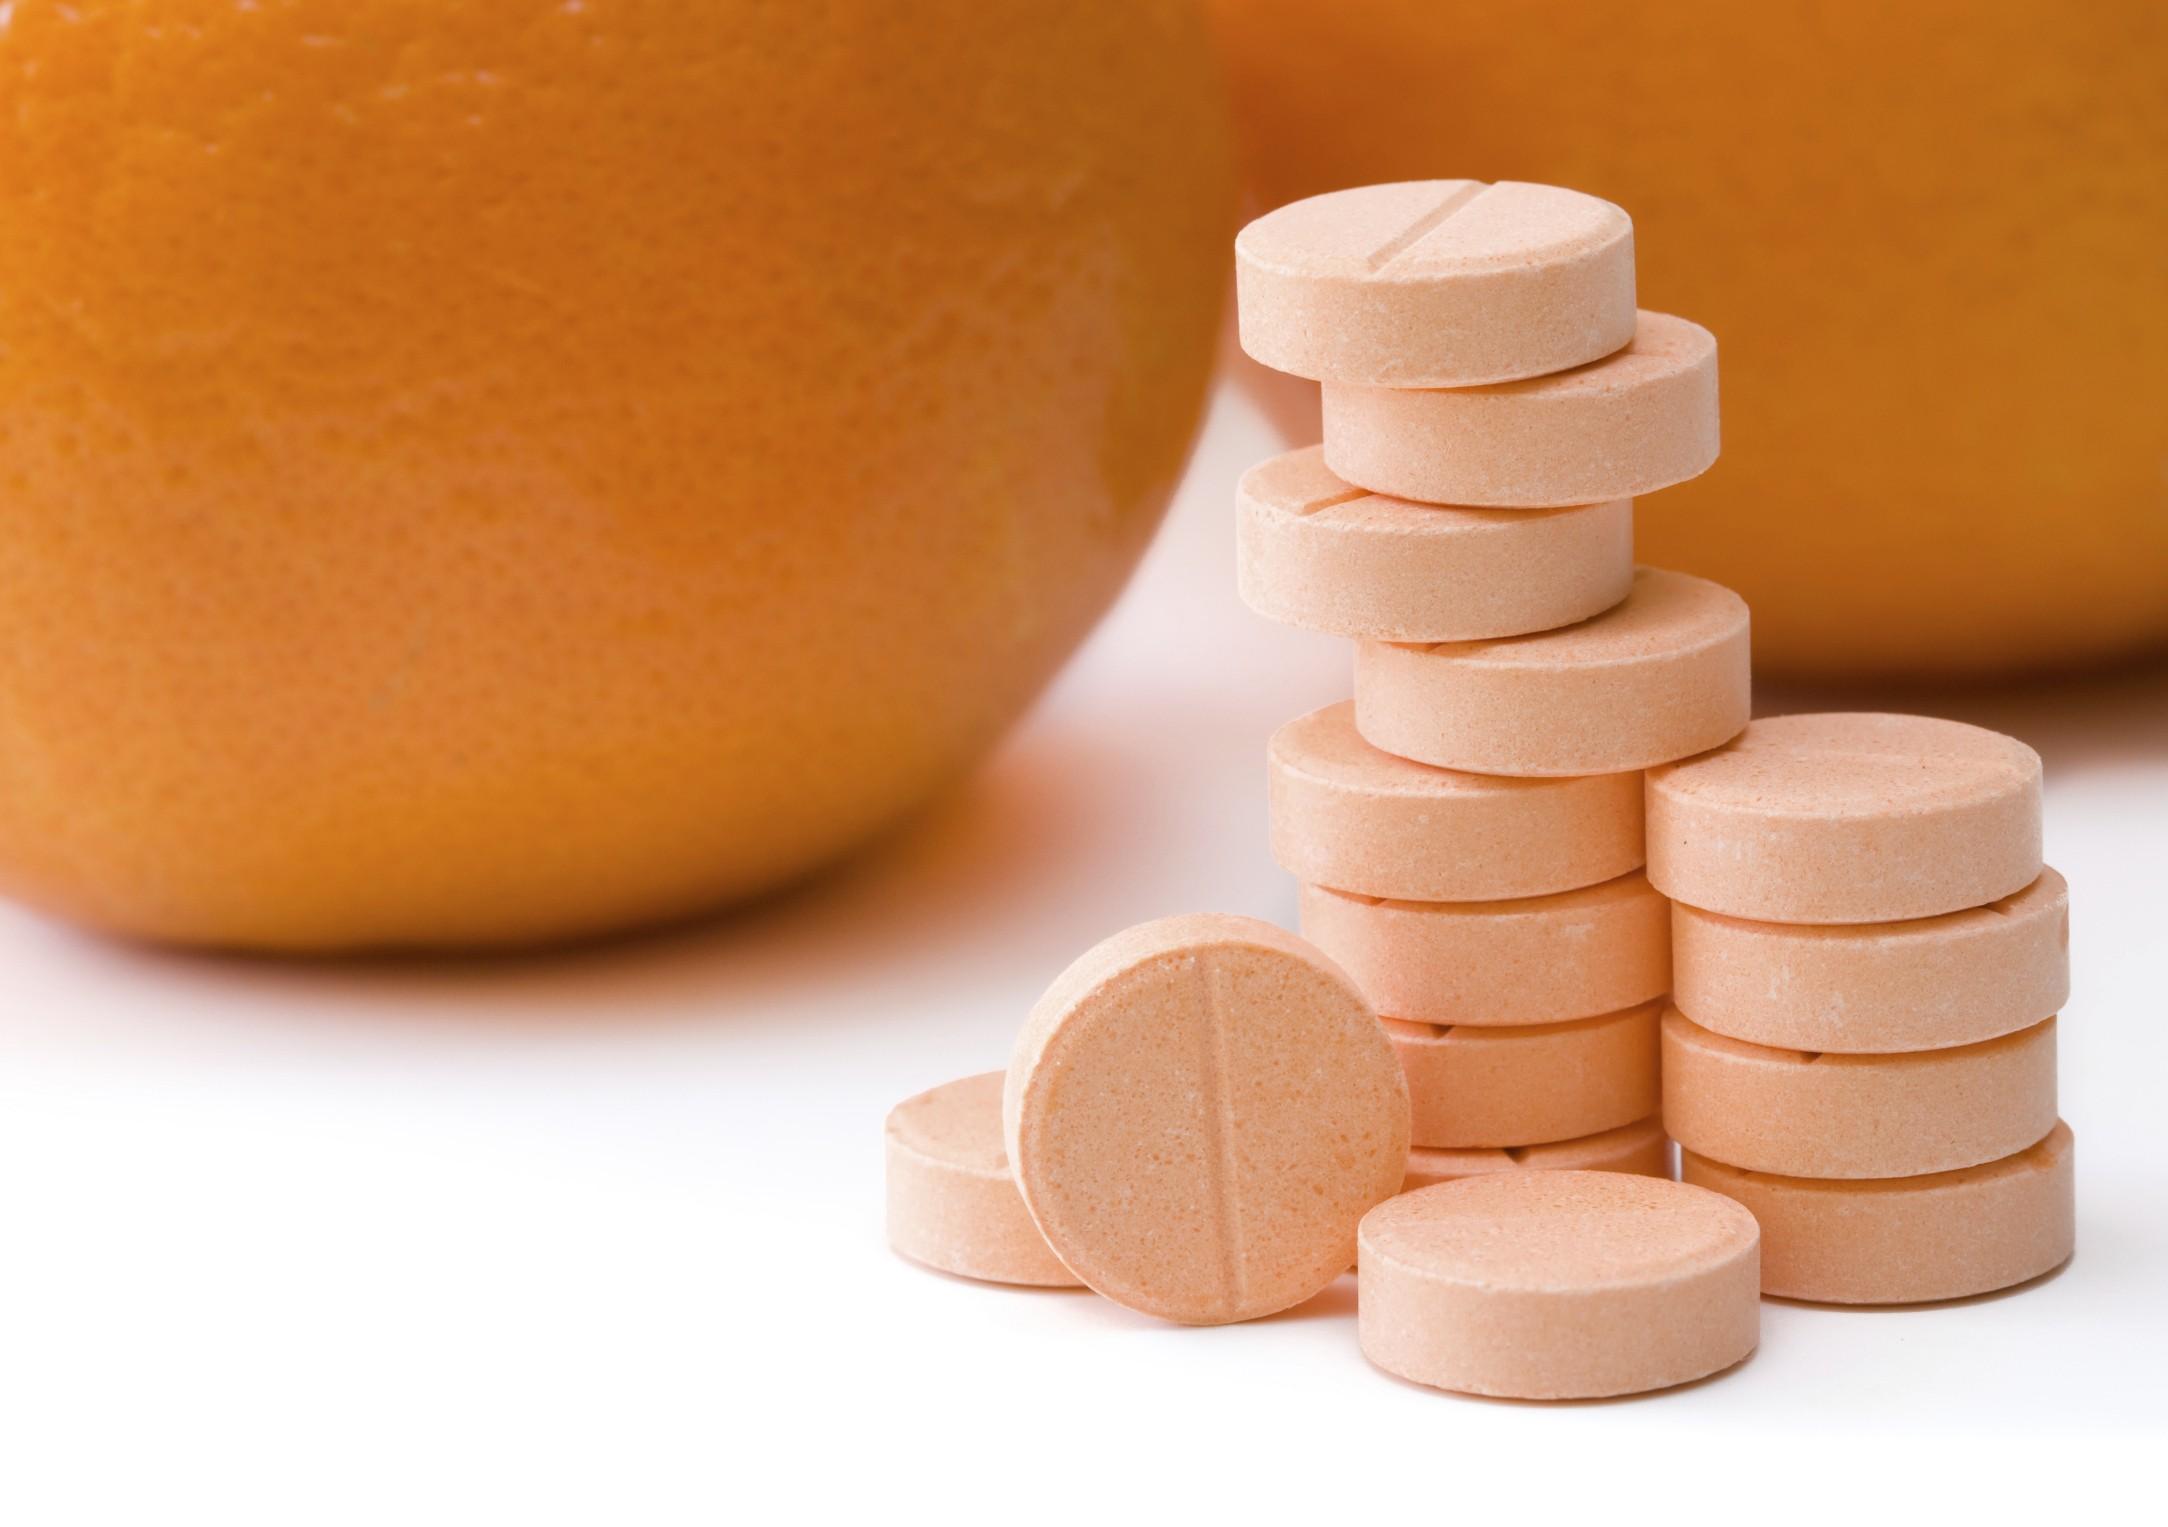 Витамин С может стать эффективным средством от рака кишечника